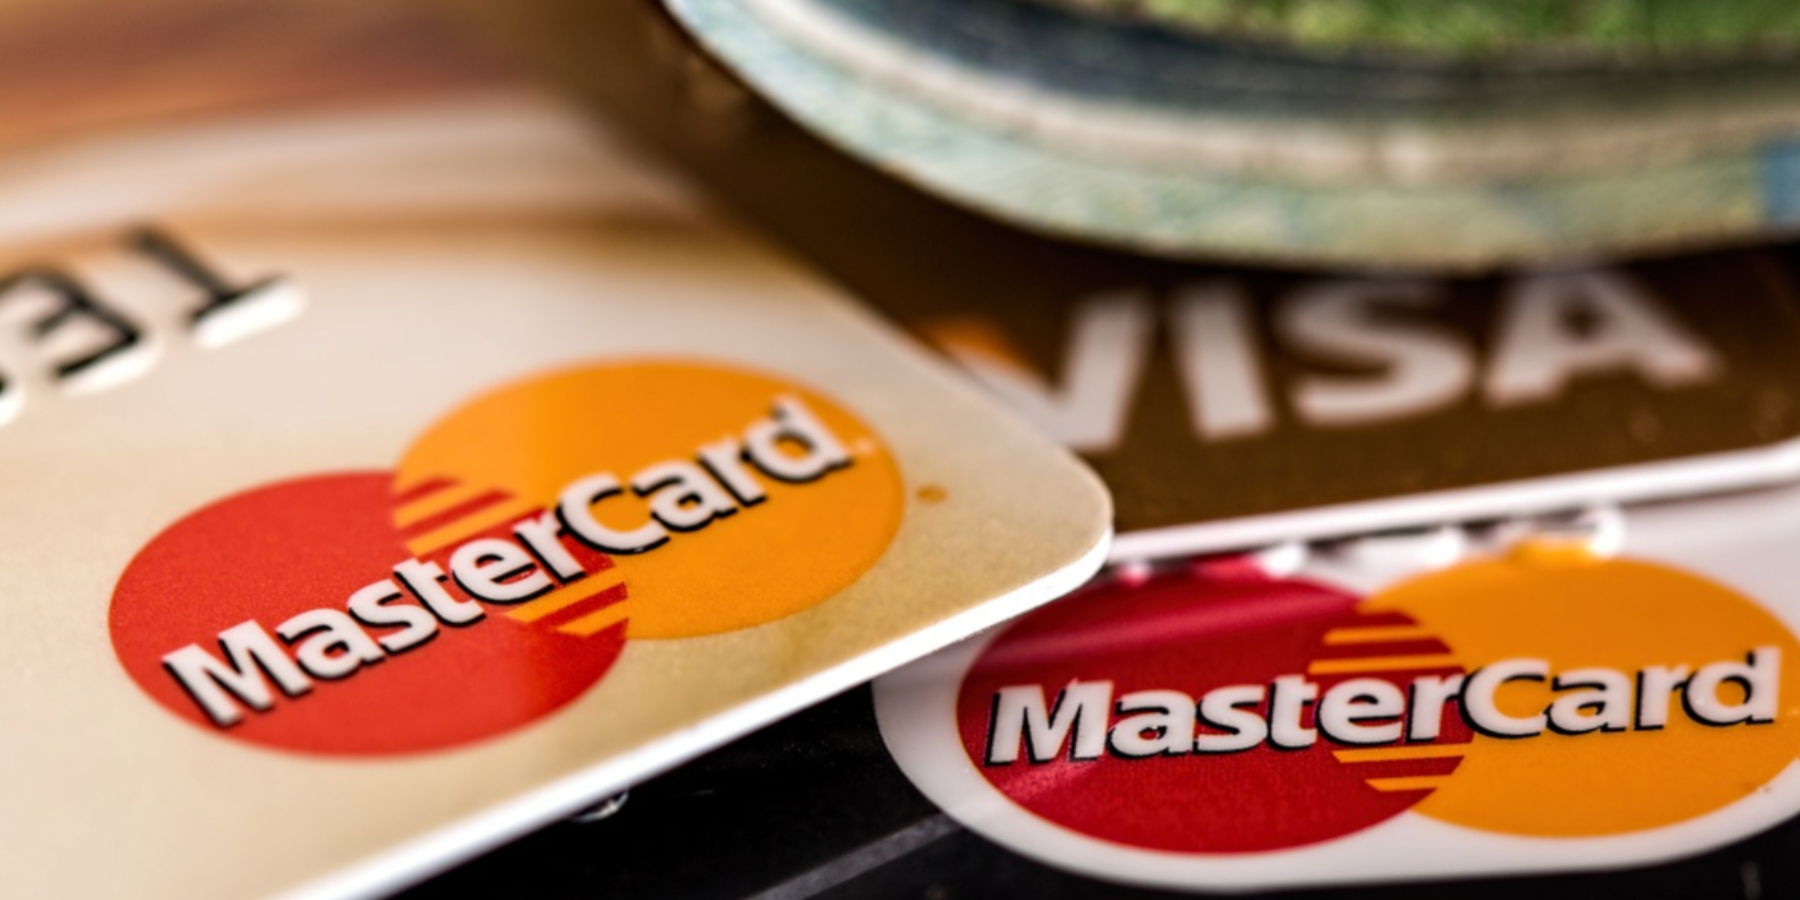 Sztuczna inteligencja sprawdza czymasz zdolność kredytową. Katowicki fintech prezentuje wyniki scoringu behaworialnego